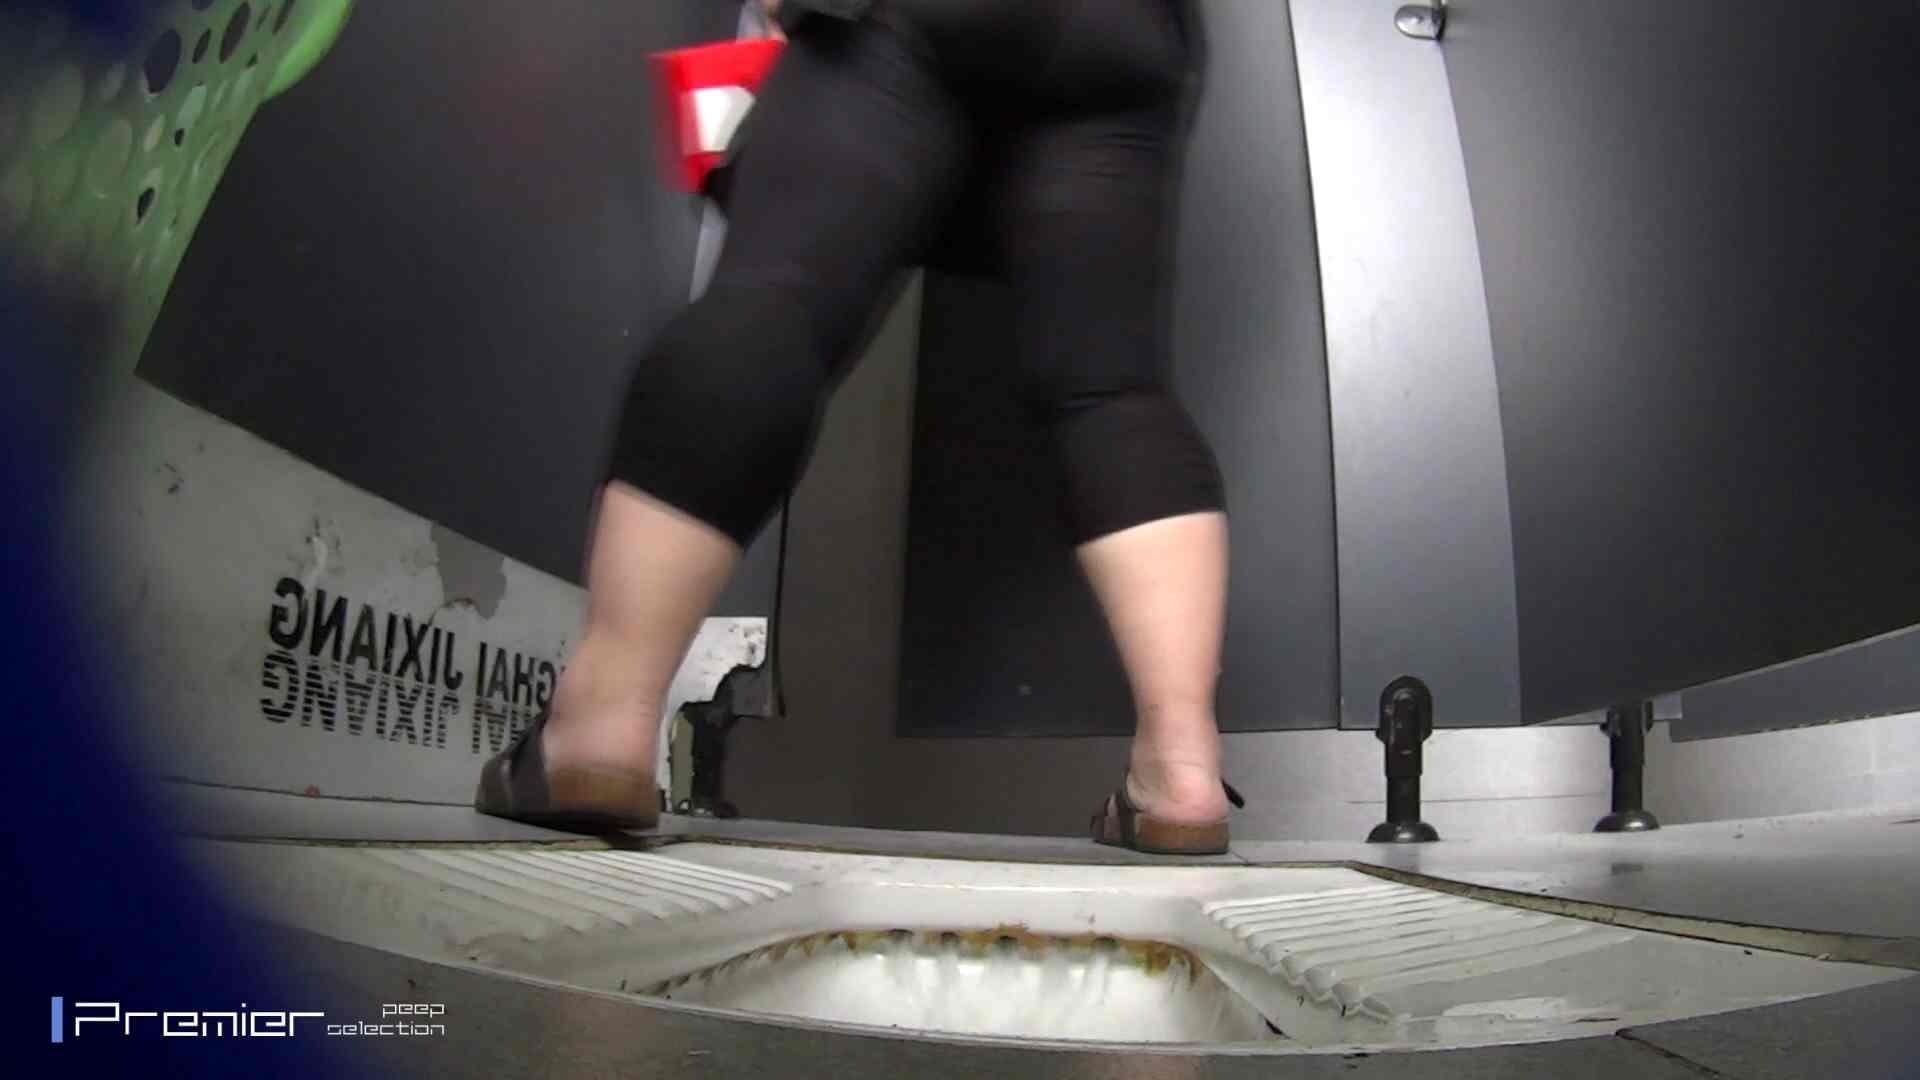 ポチャが多めの洗面所 大学休憩時間の洗面所事情45 盗撮映像大放出 セックス無修正動画無料 57連発 32